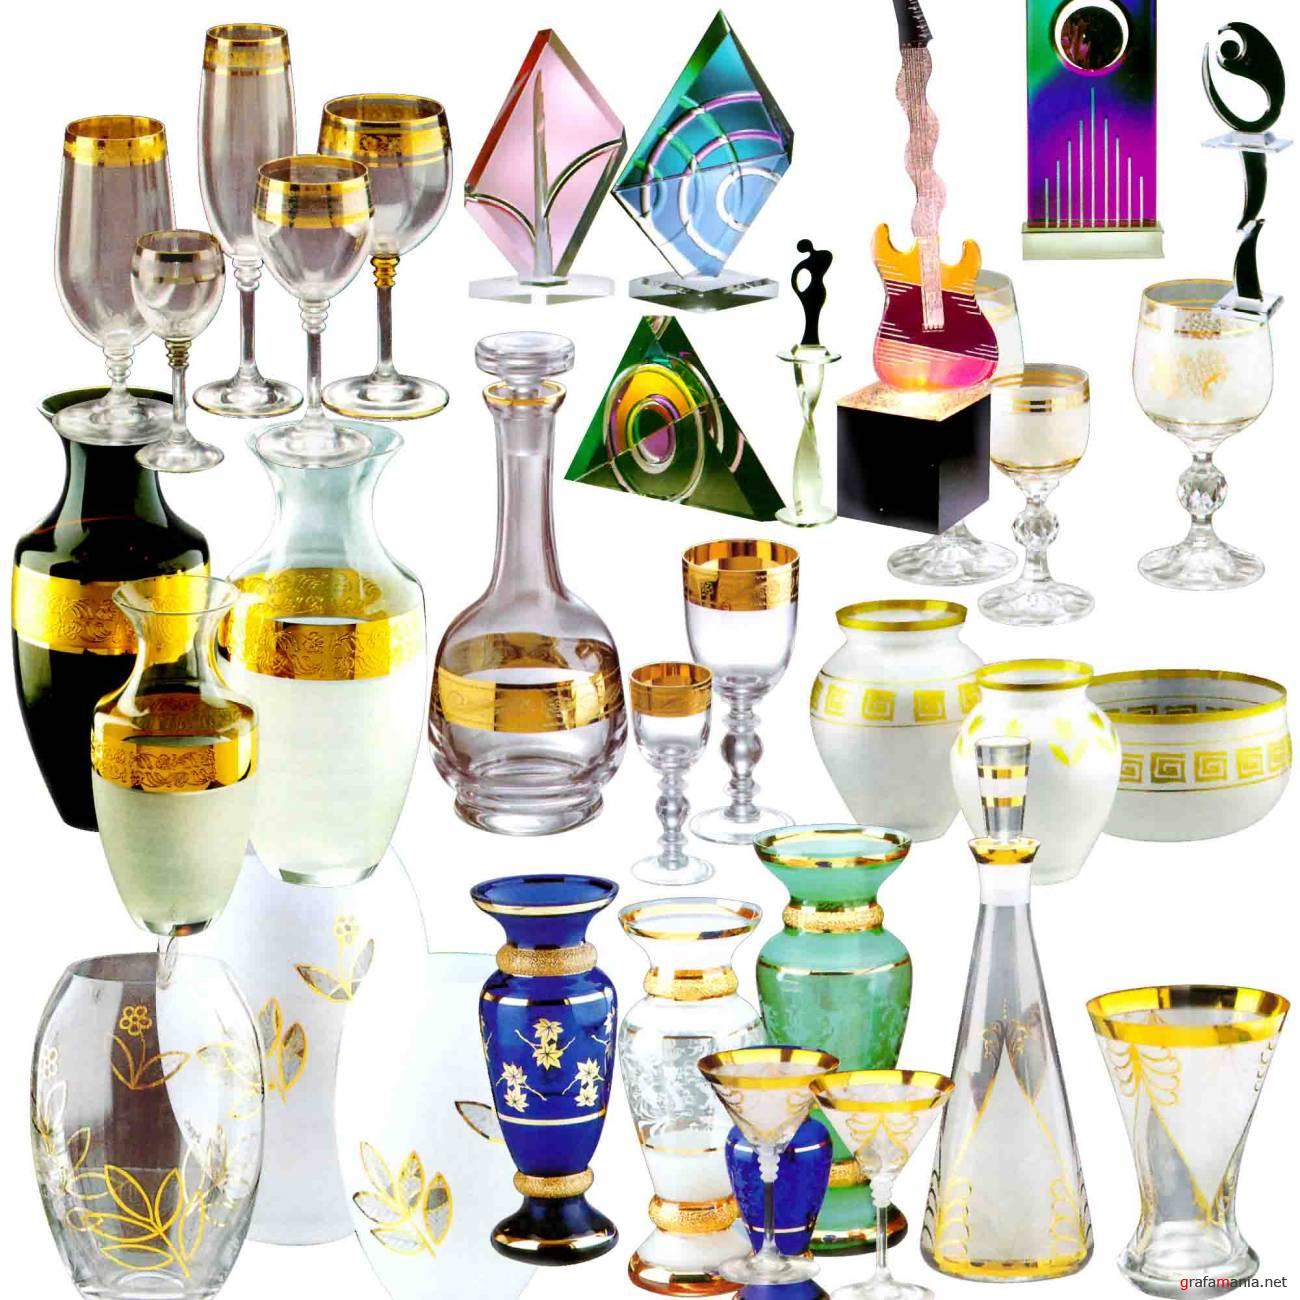 Склейка стеклянной посуды и других изделий из стекла в Москве